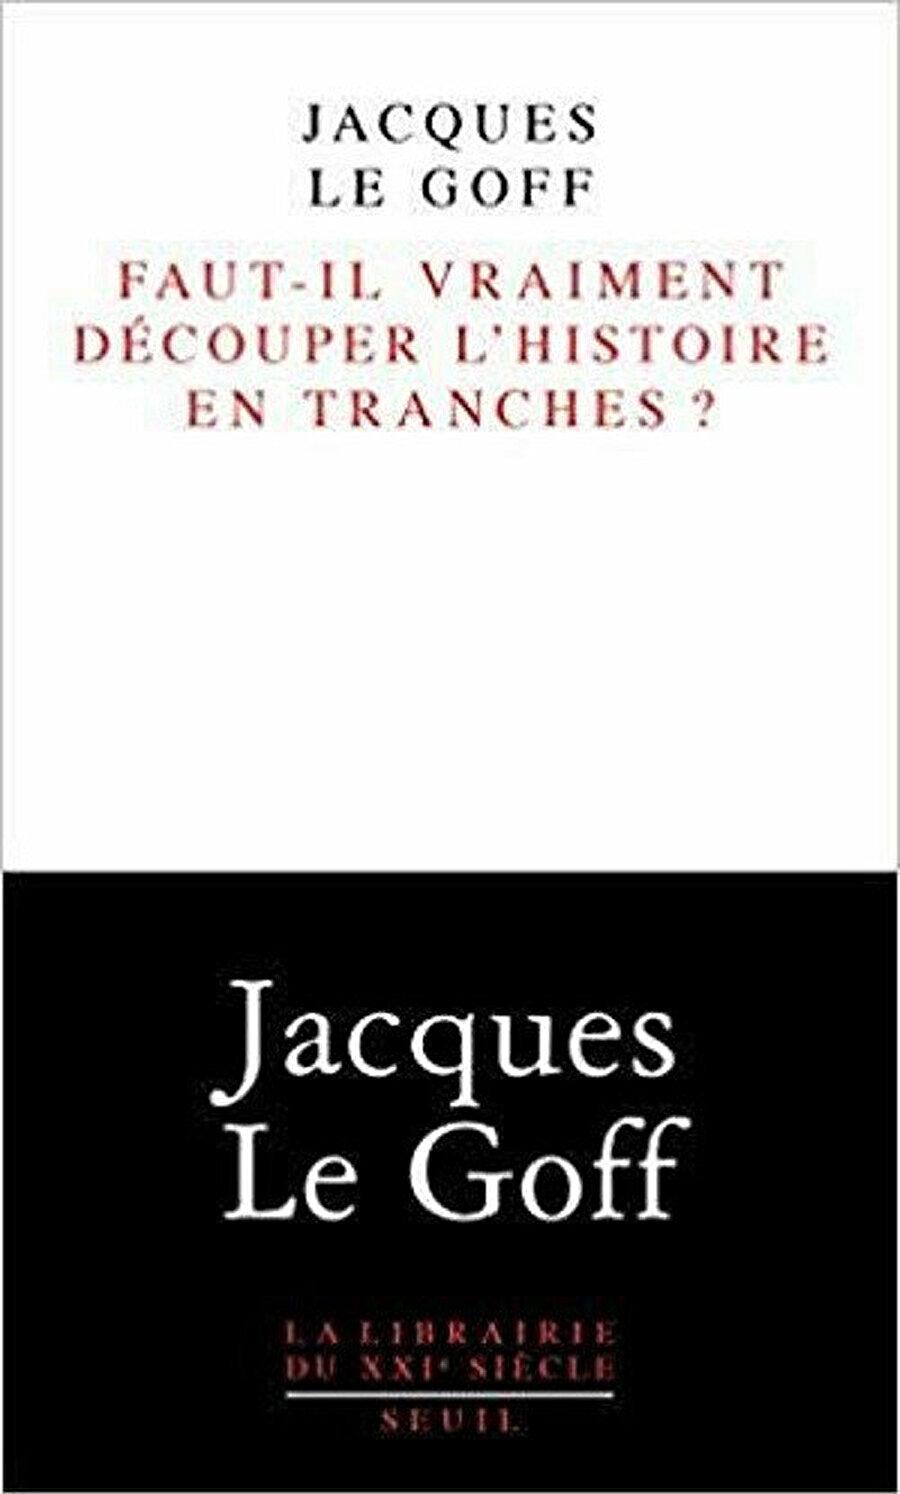 """Jacques Le Goff'un Türkçe'ye """"Tarihi Dönemlere Ayırmak Şart mı?"""" Şeklinde tercüme edilen eserinin Fransızca kapağı."""